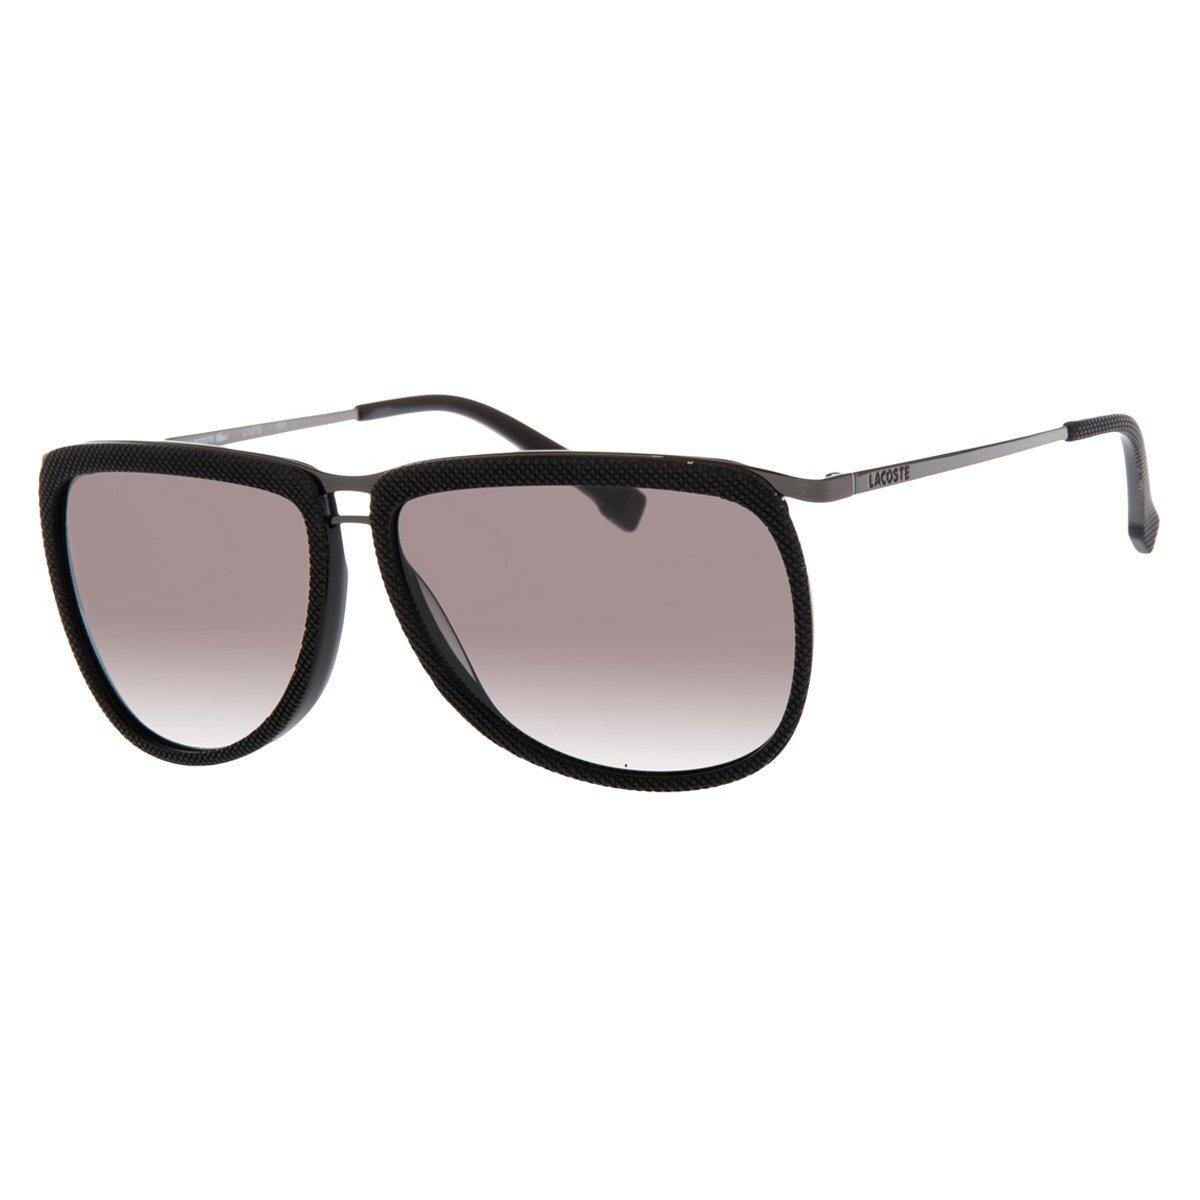 Dámske čierne slnečné okuliare Lacoste s kovovými detailami ... c2ab738ffaf